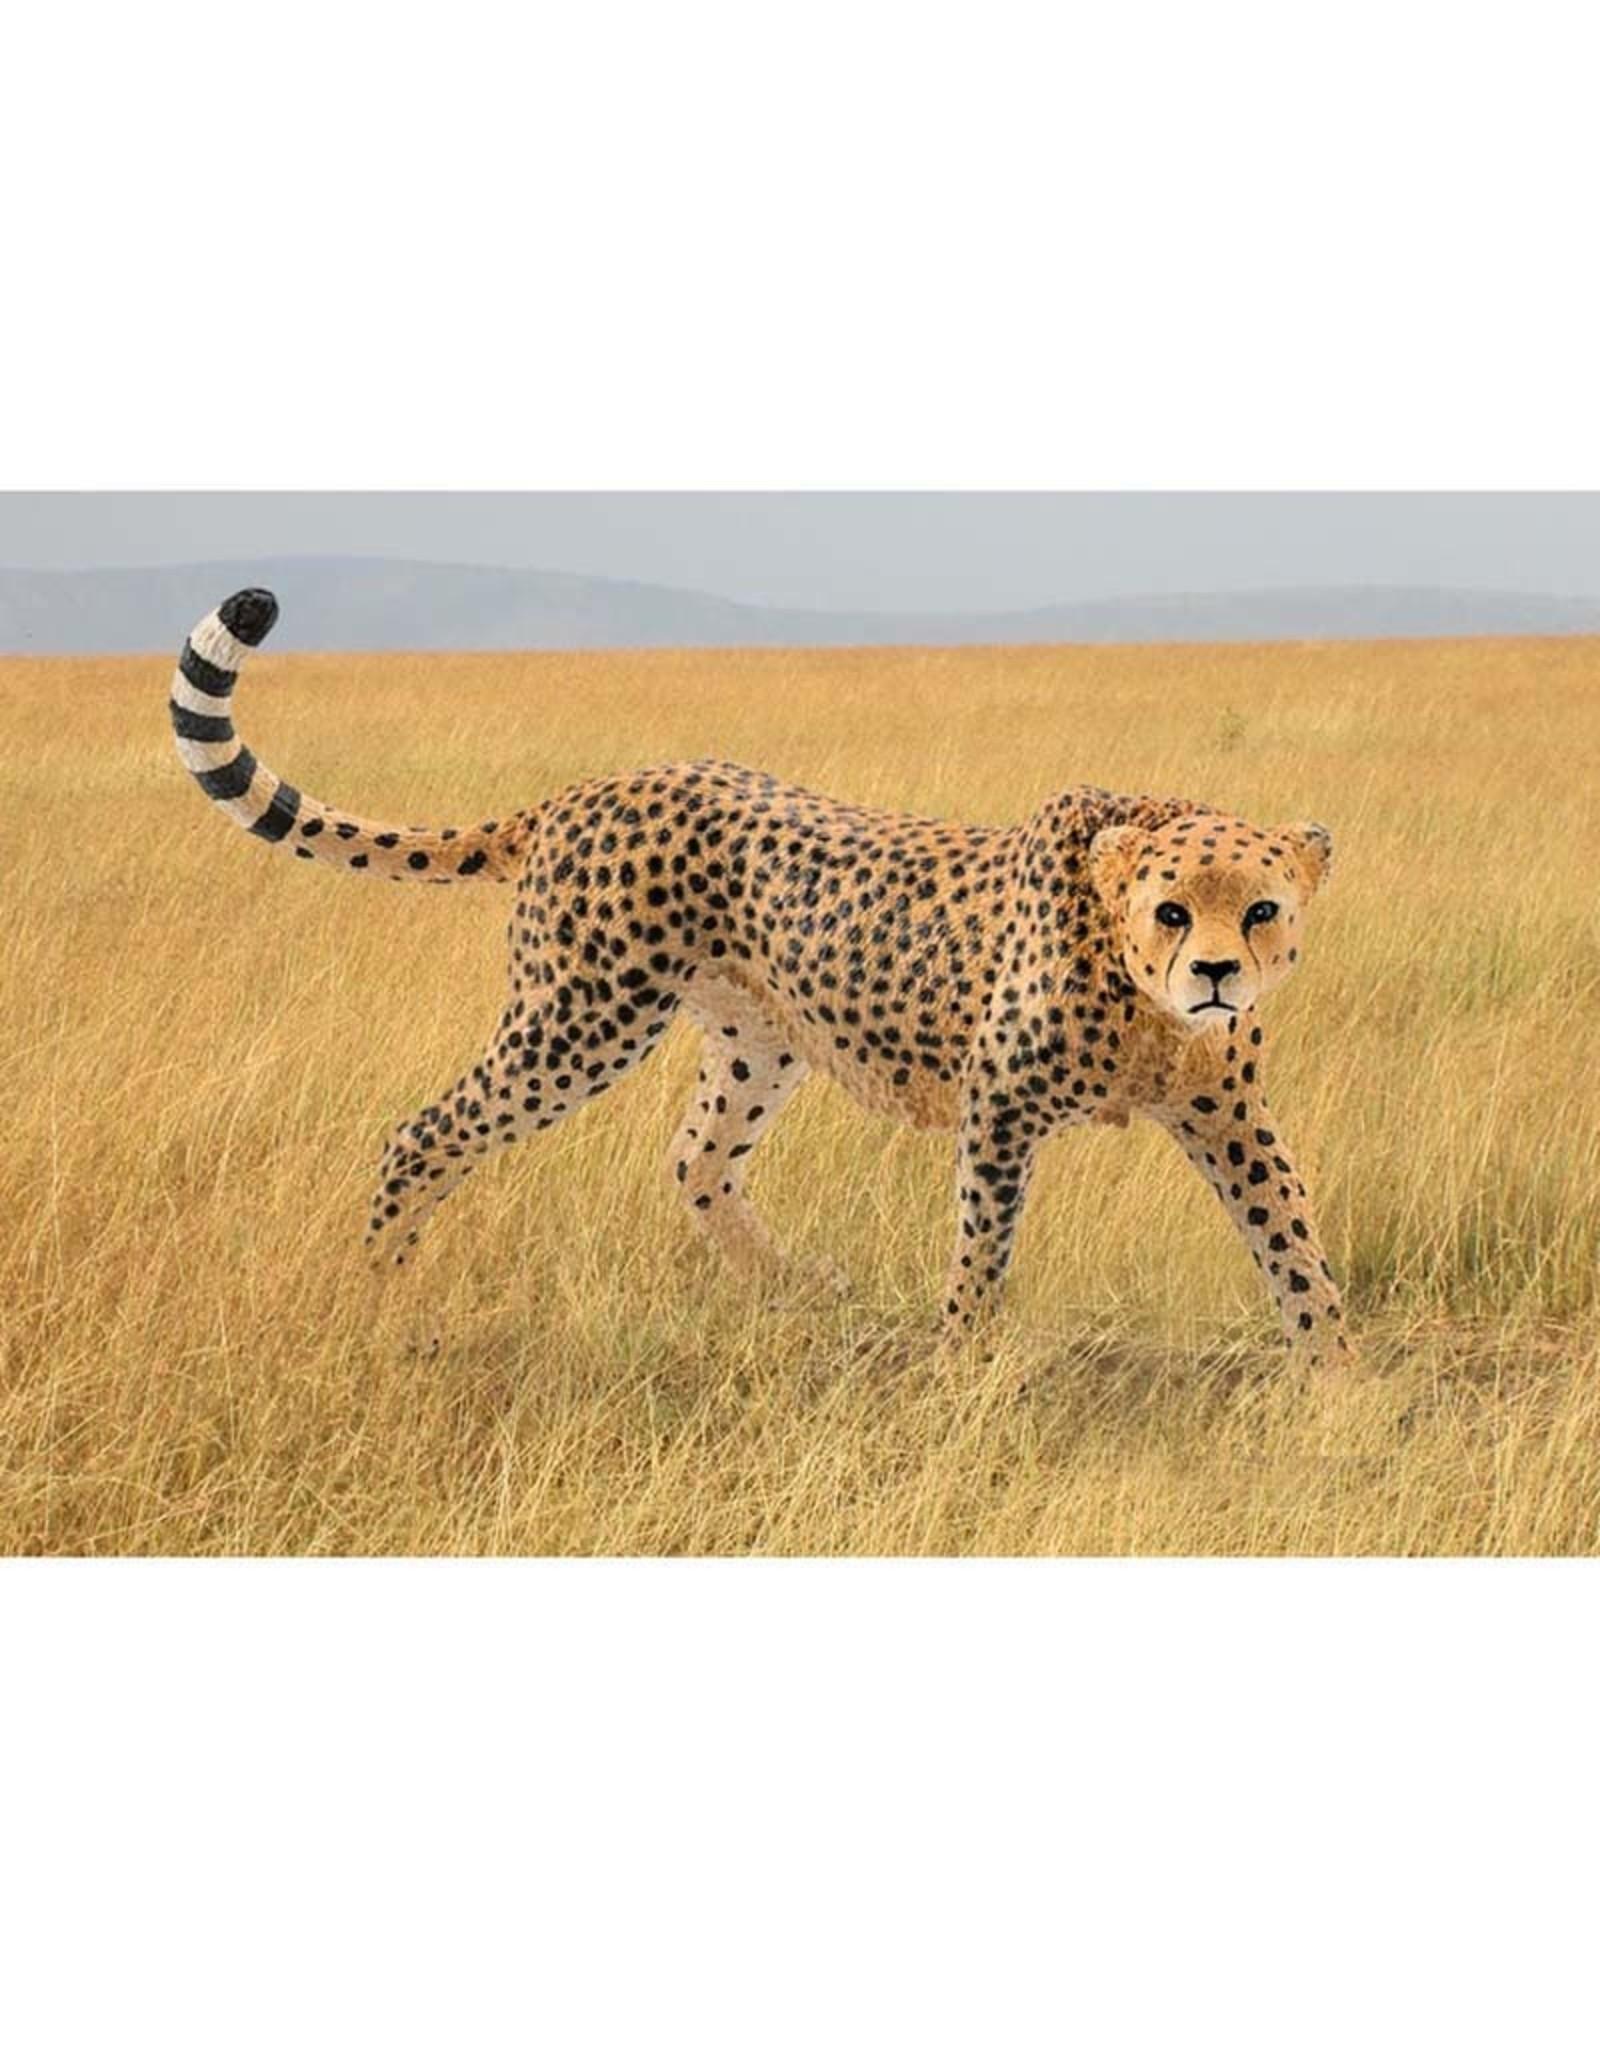 Schleich Schleich Cheetah, female